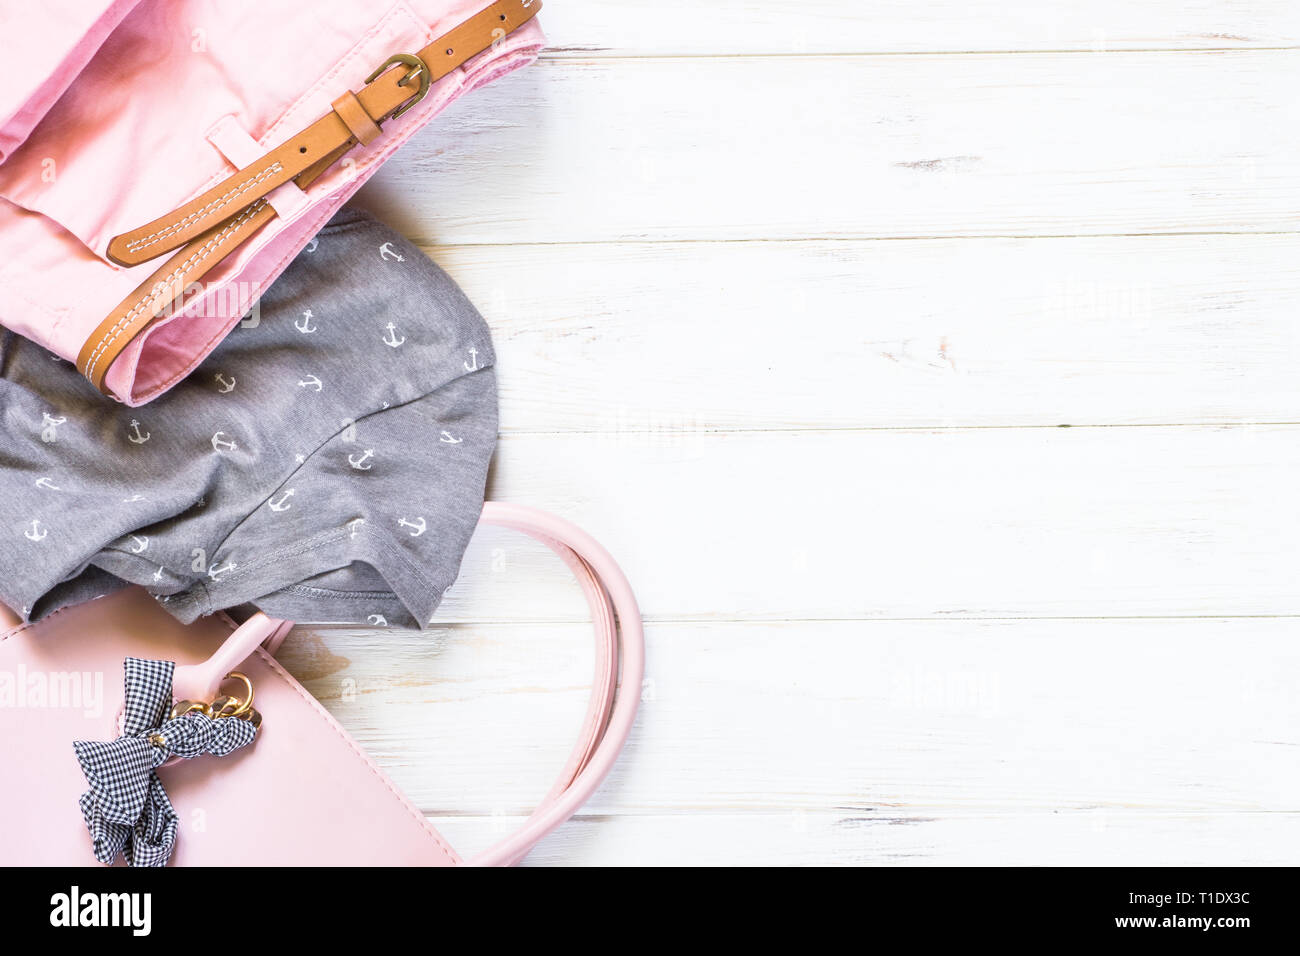 new arrival 551db a7221 Frau Kleidung und Accessoires in rosa und grauen Farben ...